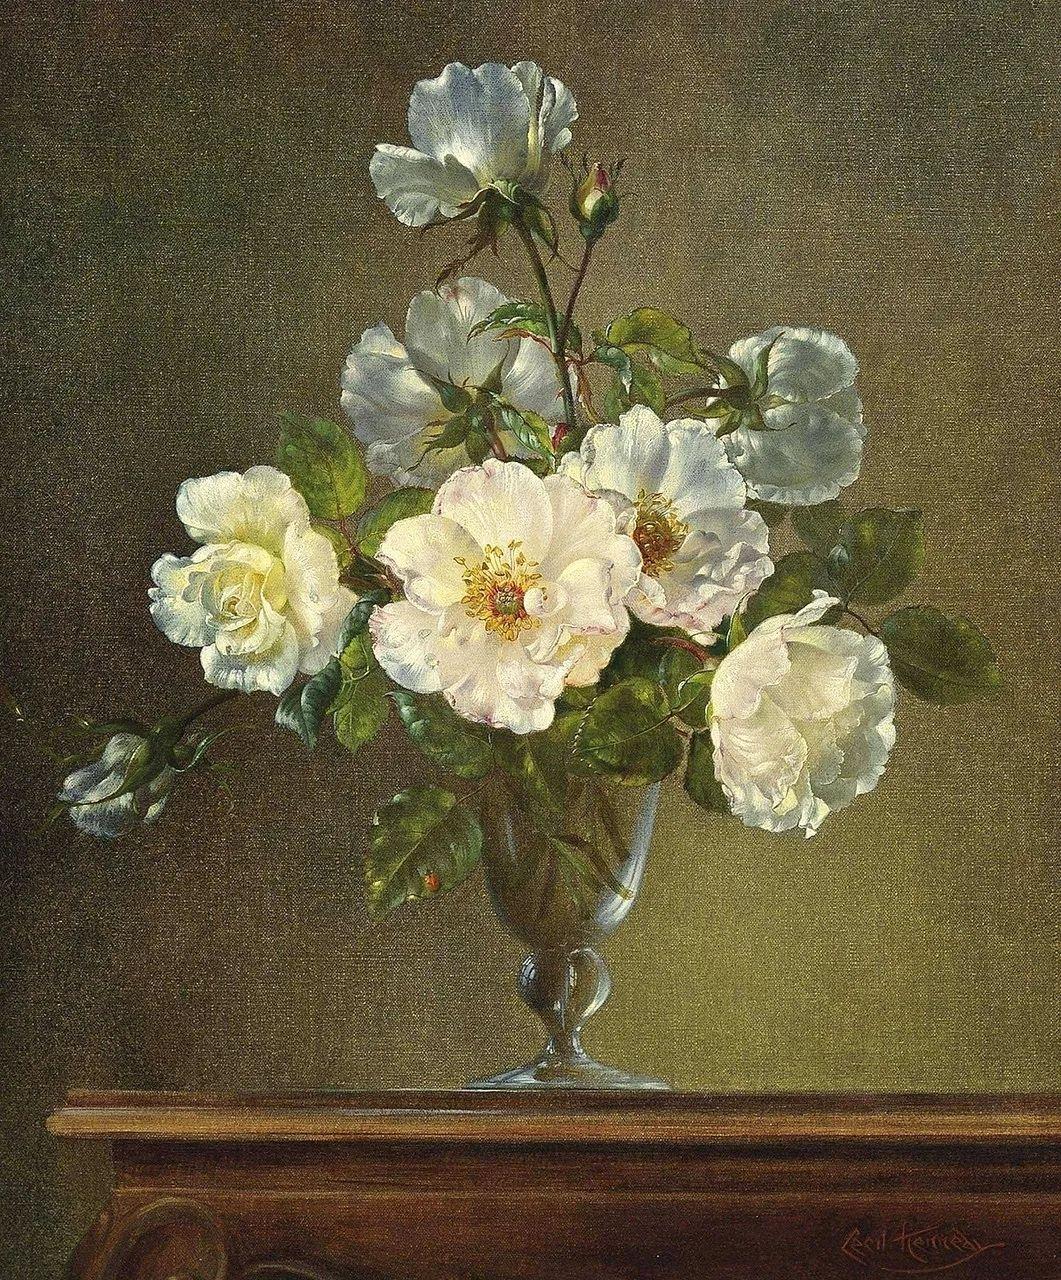 英国最伟大的花卉画家之一,艺术家塞西尔·肯尼迪插图71